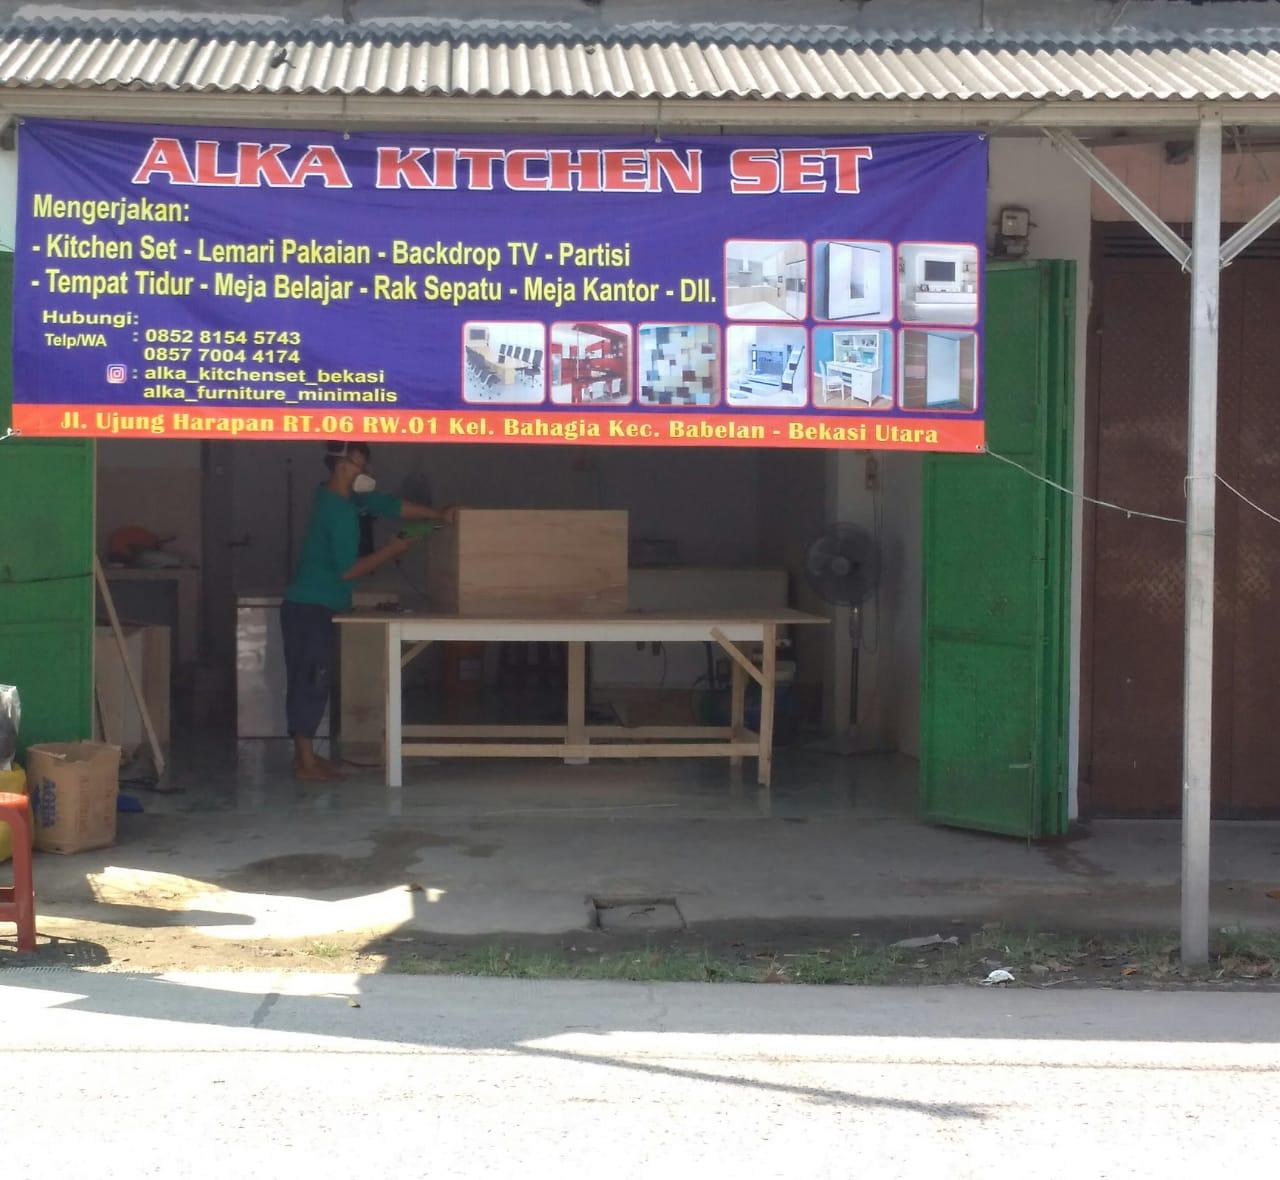 alka kitchen set bekasi - Lemari Set Kamar Tidur Bekasi